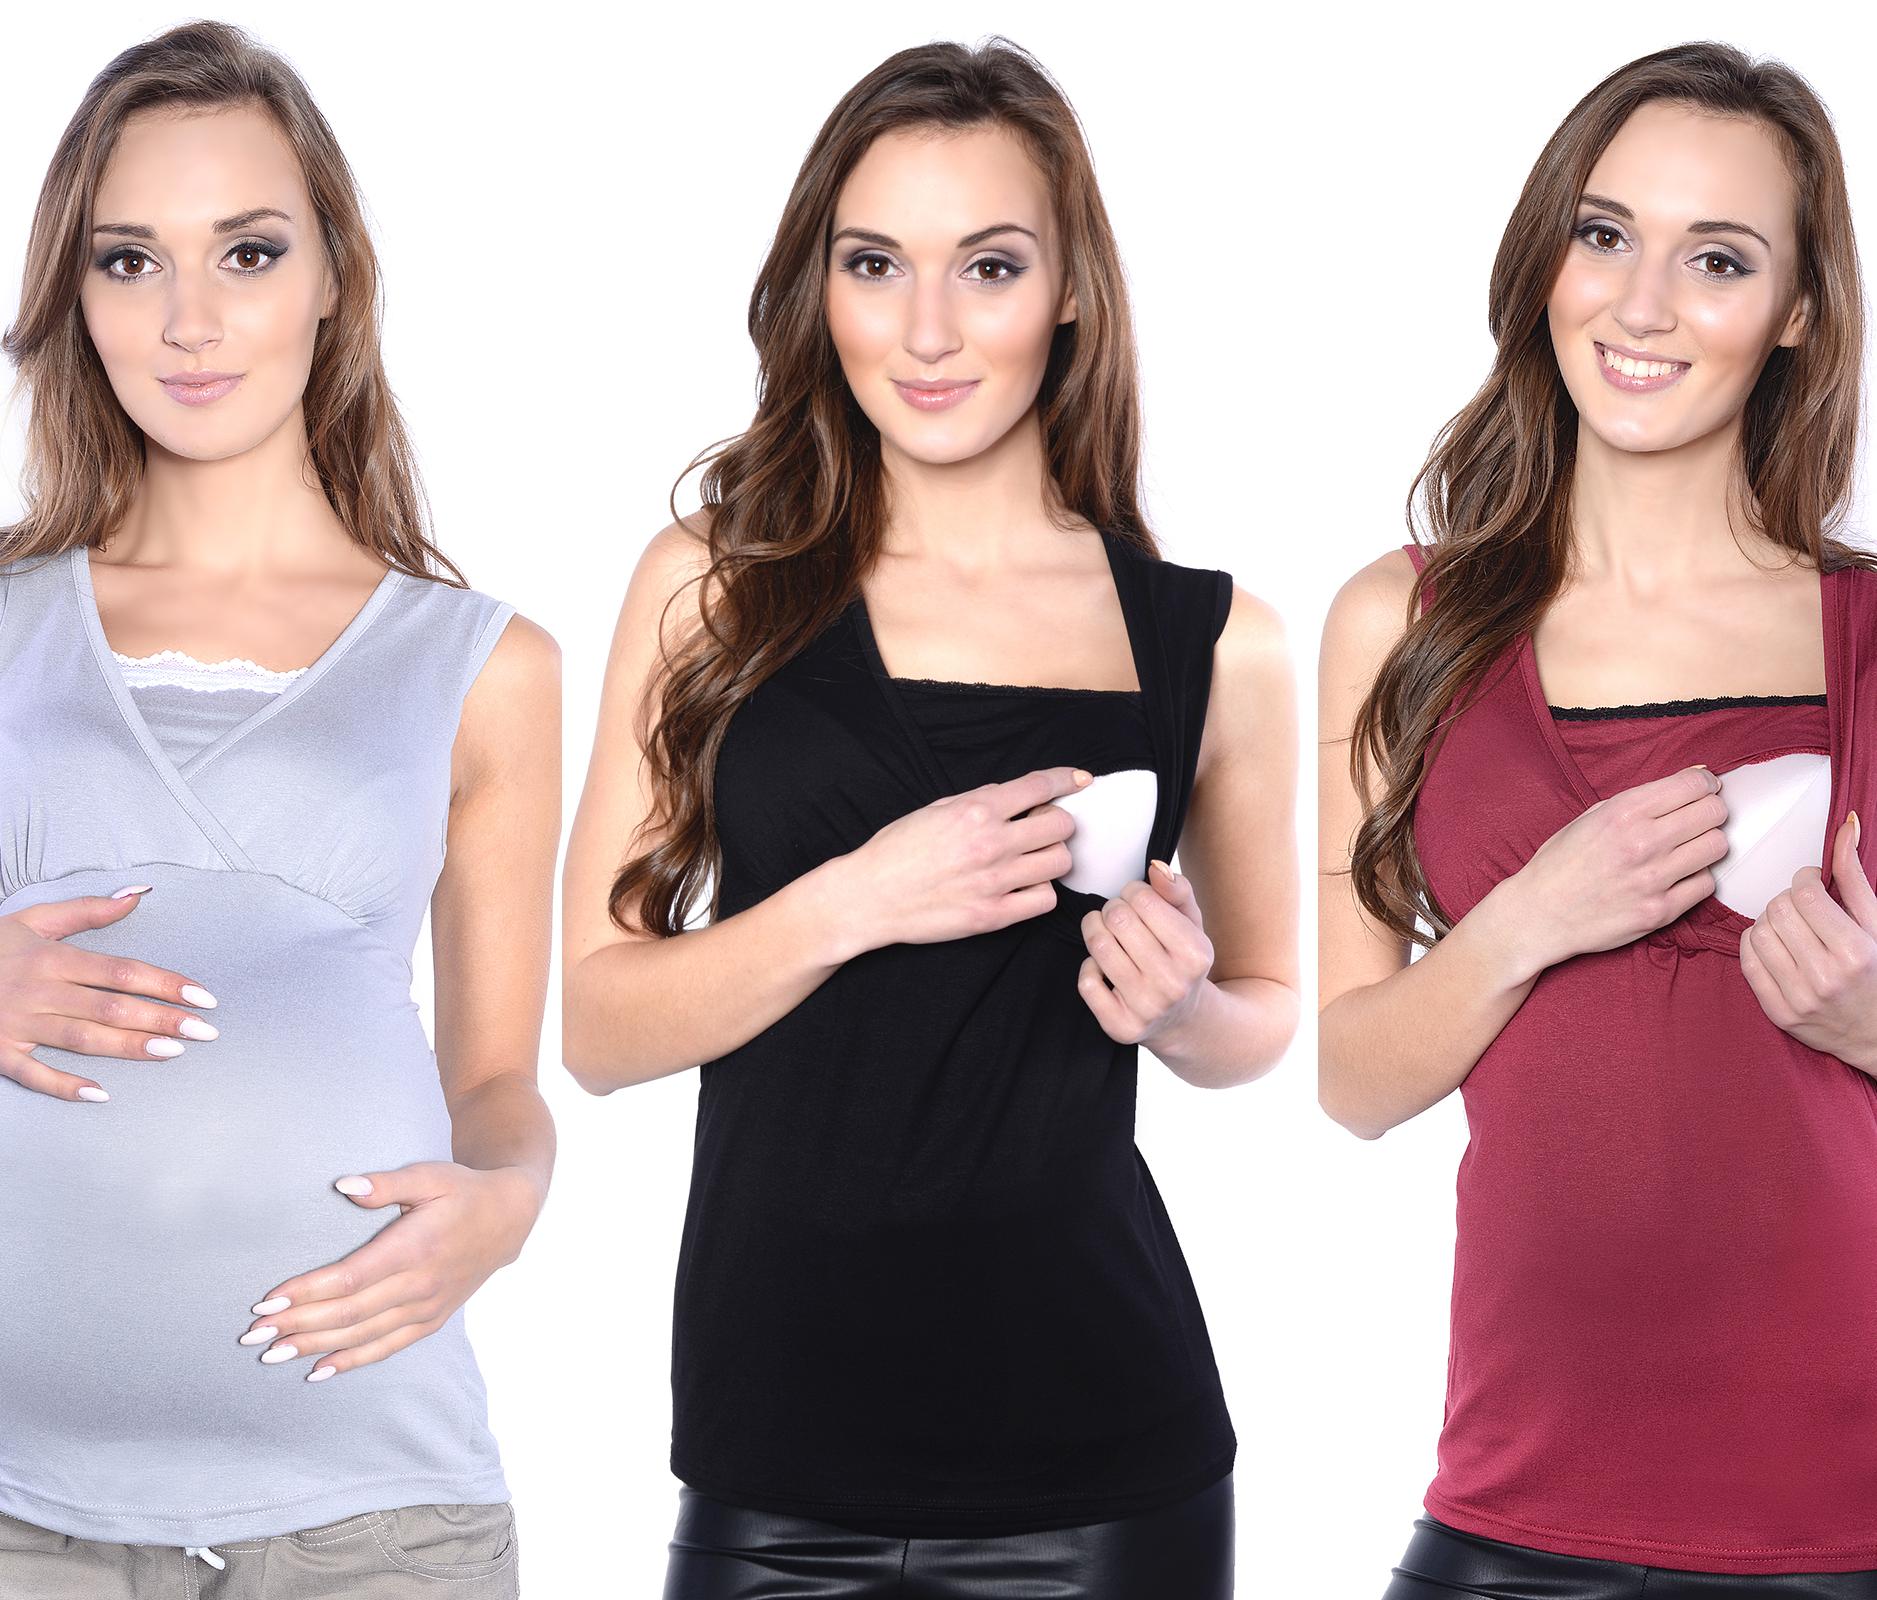 2in 1 Stilltop Umstandstop//Stillshirt /& Umstandsshirt 3093 MijaCulture Umstandsmode